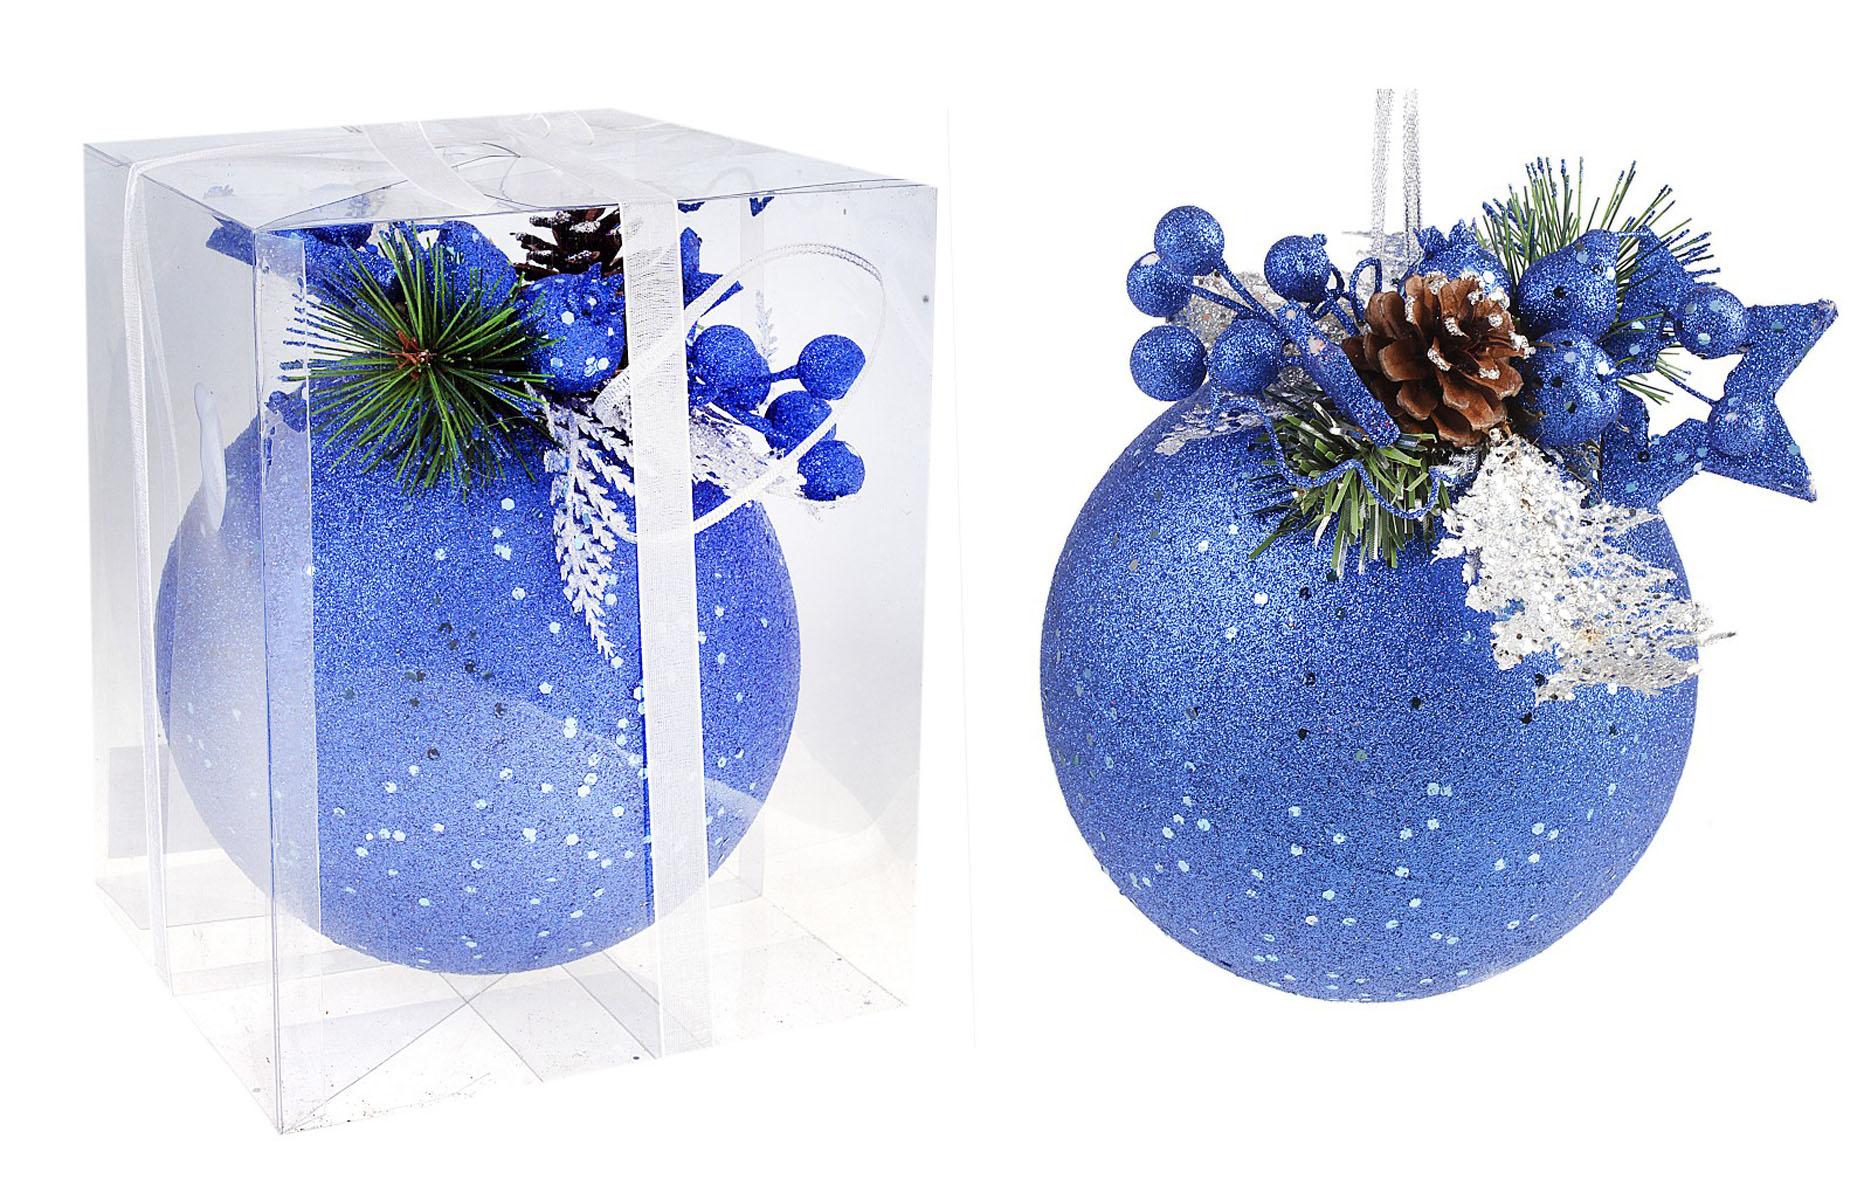 Новогоднее подвесное украшение Sima-land Шар, цвет: синий, диаметр 15 см. 542593701307Новогоднее подвесное украшение Sima-land Шар, выполненное из пластика, прекрасно подойдет для праздничного декора новогодней ели. Шар украшен веточками ели, звездой и шишкой. Изделие покрыто блестками. Для удобного размещения на елке для шара предусмотрена текстильная петелька. Елочная игрушка - символ Нового года. Она несет в себе волшебство и красоту праздника. Создайте в своем доме атмосферу веселья и радости, украшая новогоднюю елку нарядными игрушками, которые будут из года в год накапливать теплоту воспоминаний. Коллекция декоративных украшений принесет в ваш дом ни с чем несравнимое ощущение волшебства! Откройте для себя удивительный мир сказок и грез. Почувствуйте волшебные минуты ожидания праздника, создайте новогоднее настроение вашим дорогим и близким. Диаметр шара: 15 см. Материал: пластик, текстиль.